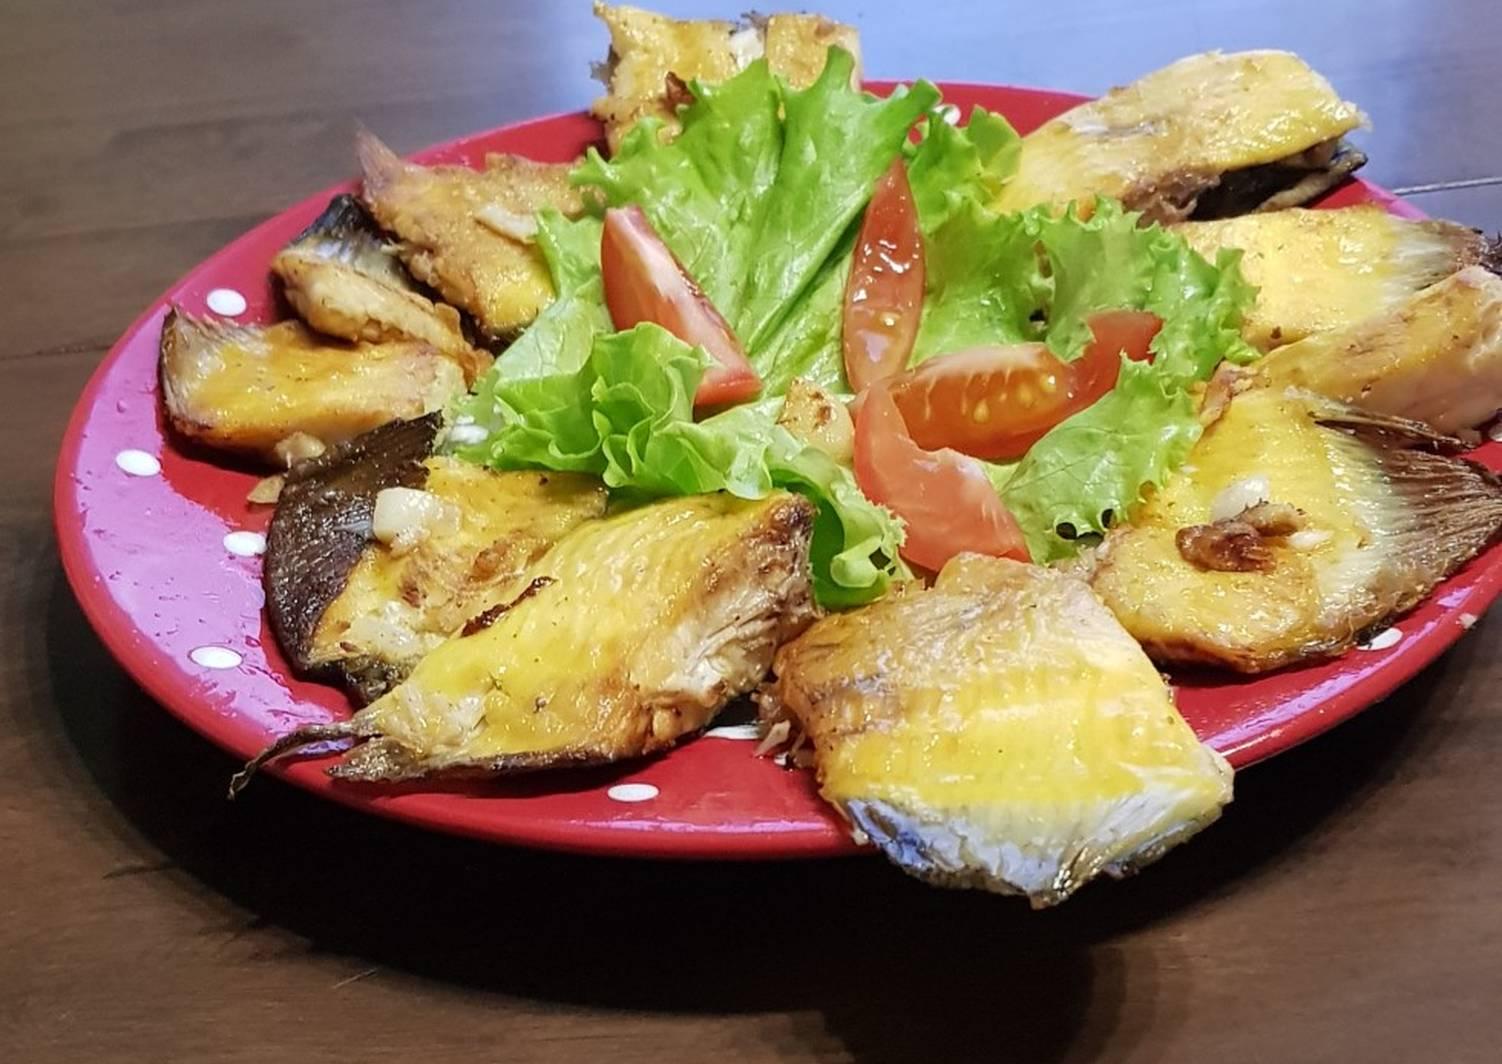 рецепты блюд из камбалы с фото многие